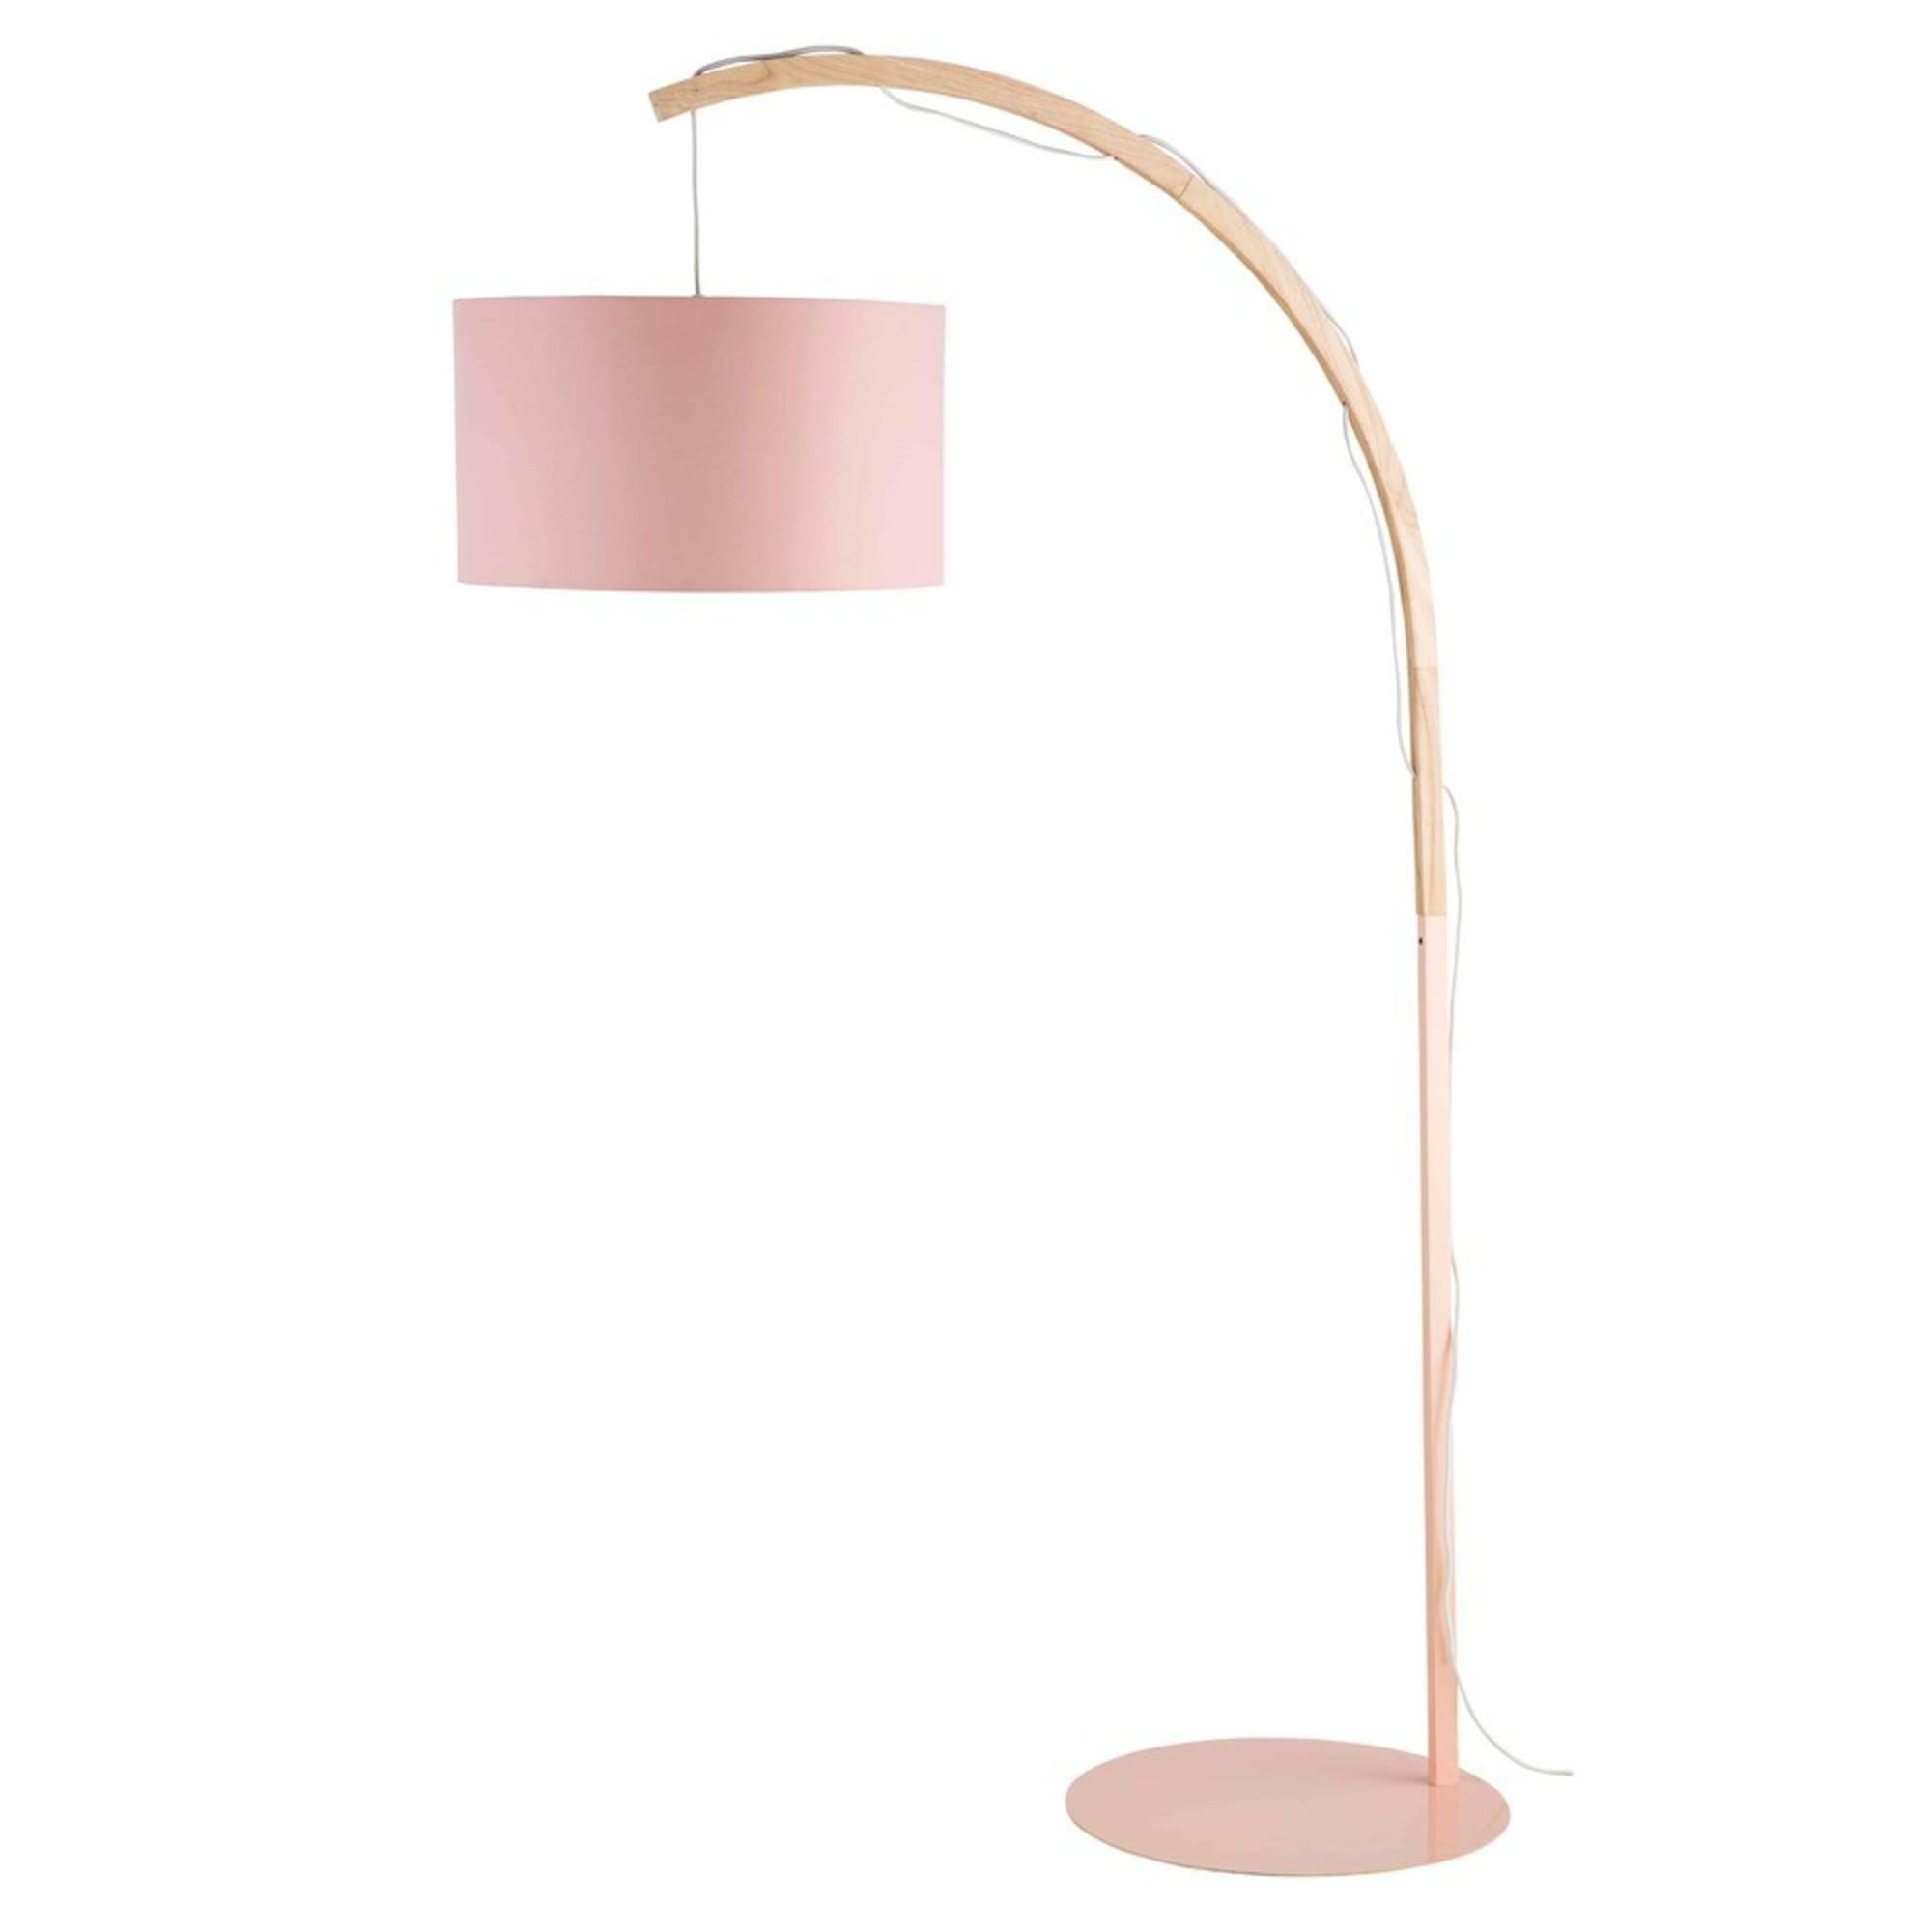 Staande Lamp Van Metaal Met Roze Lampenkap H192 In 2020 Floor